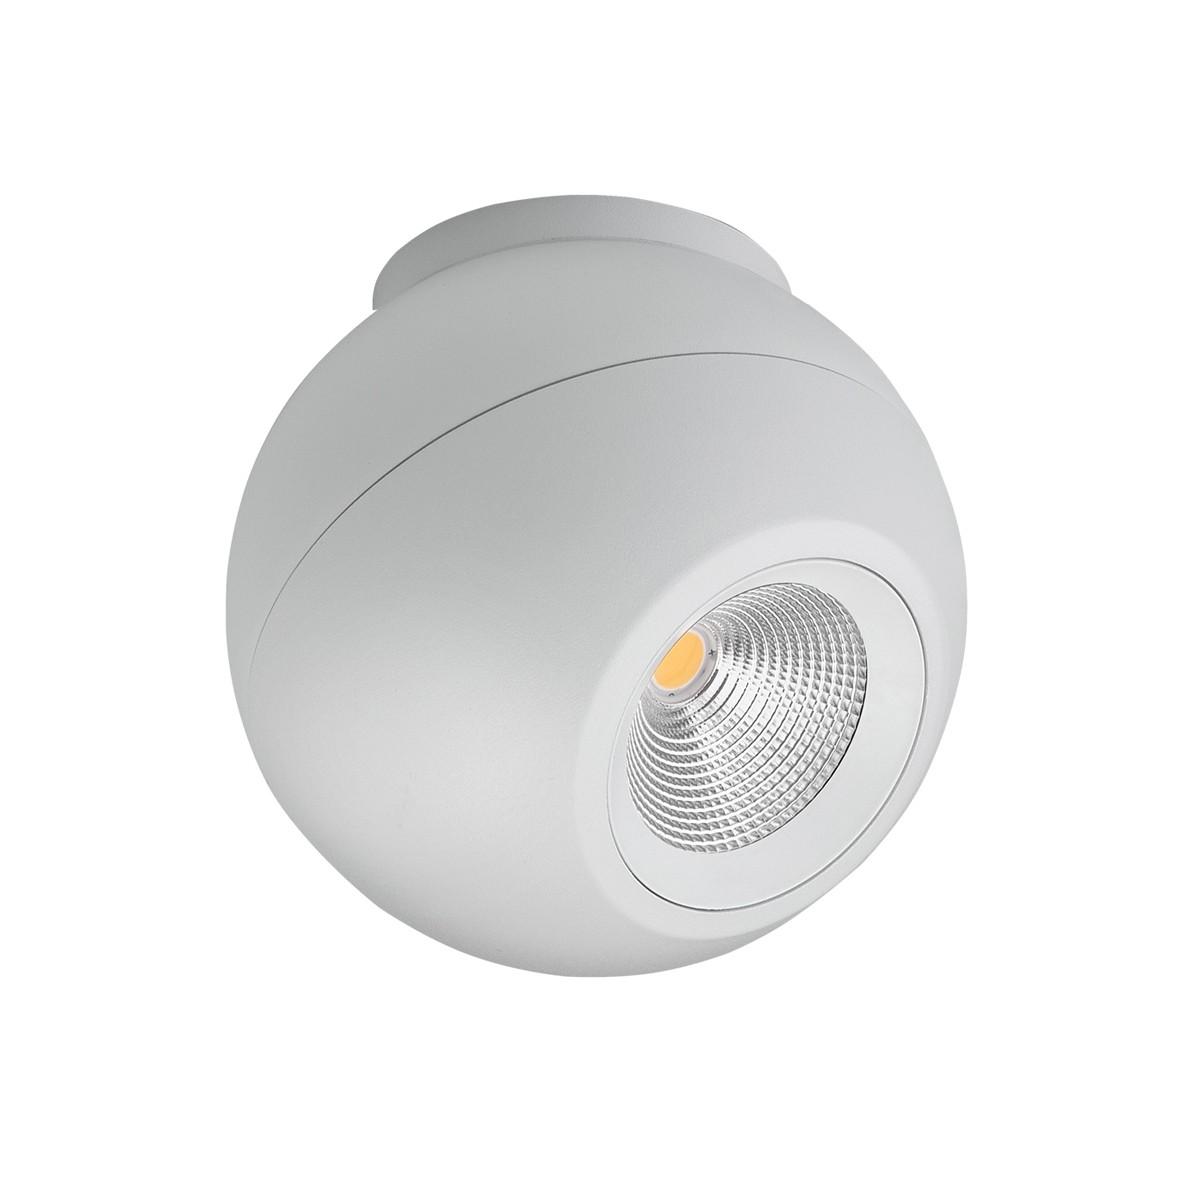 Lumexx Globe LED Deckenleuchte, weiß